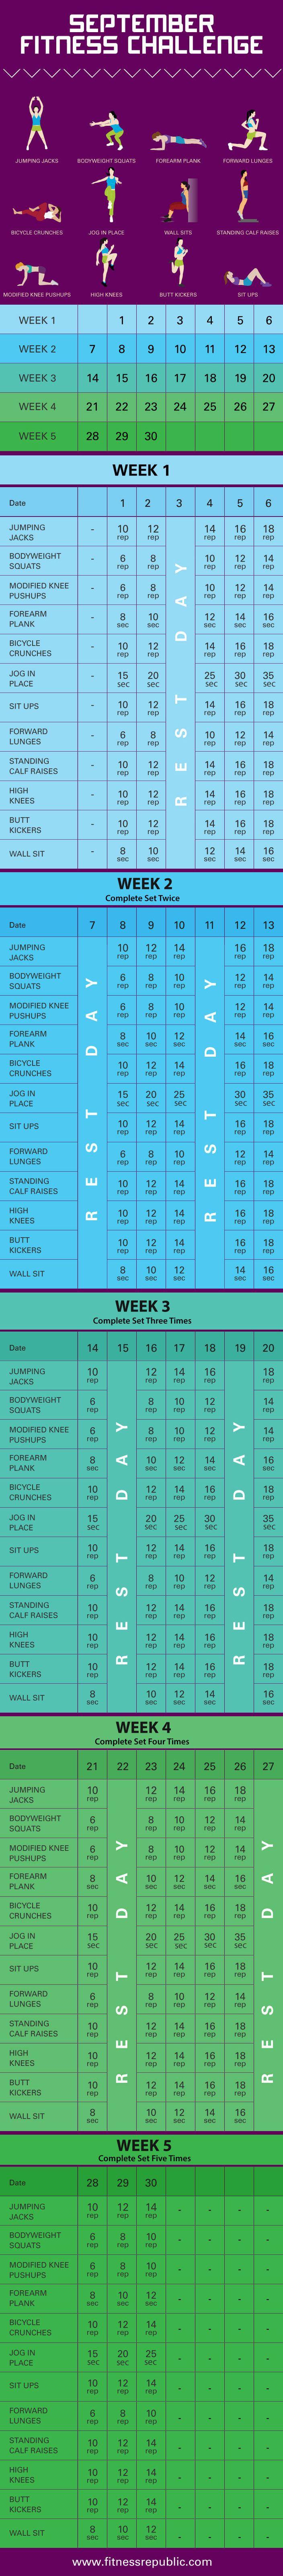 September Fitness Challenge | Fitness Republic